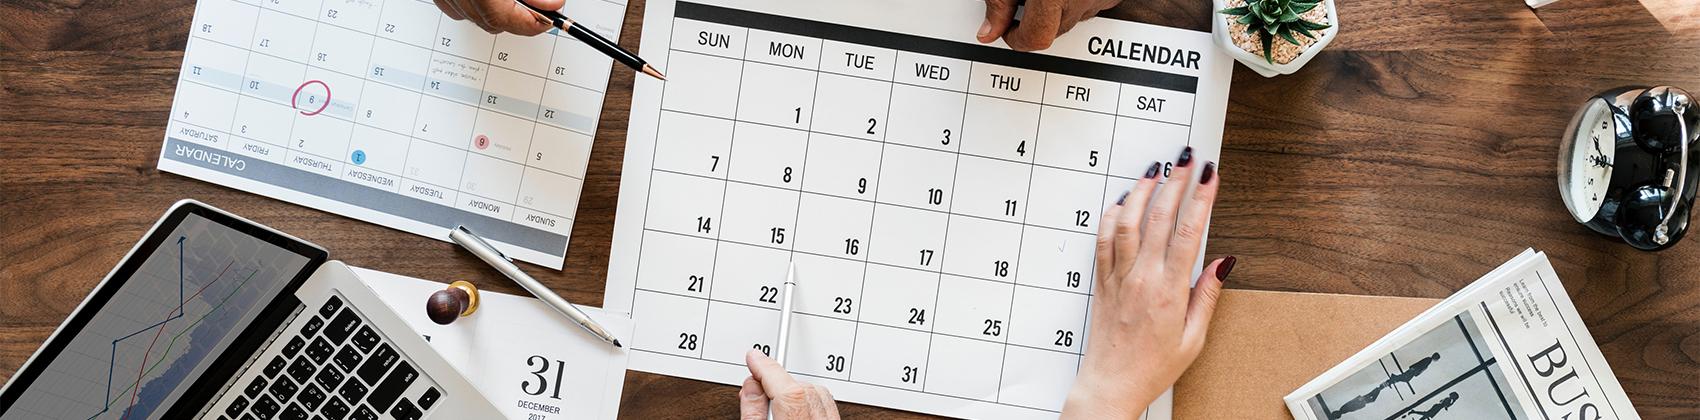 Kalender op bureau